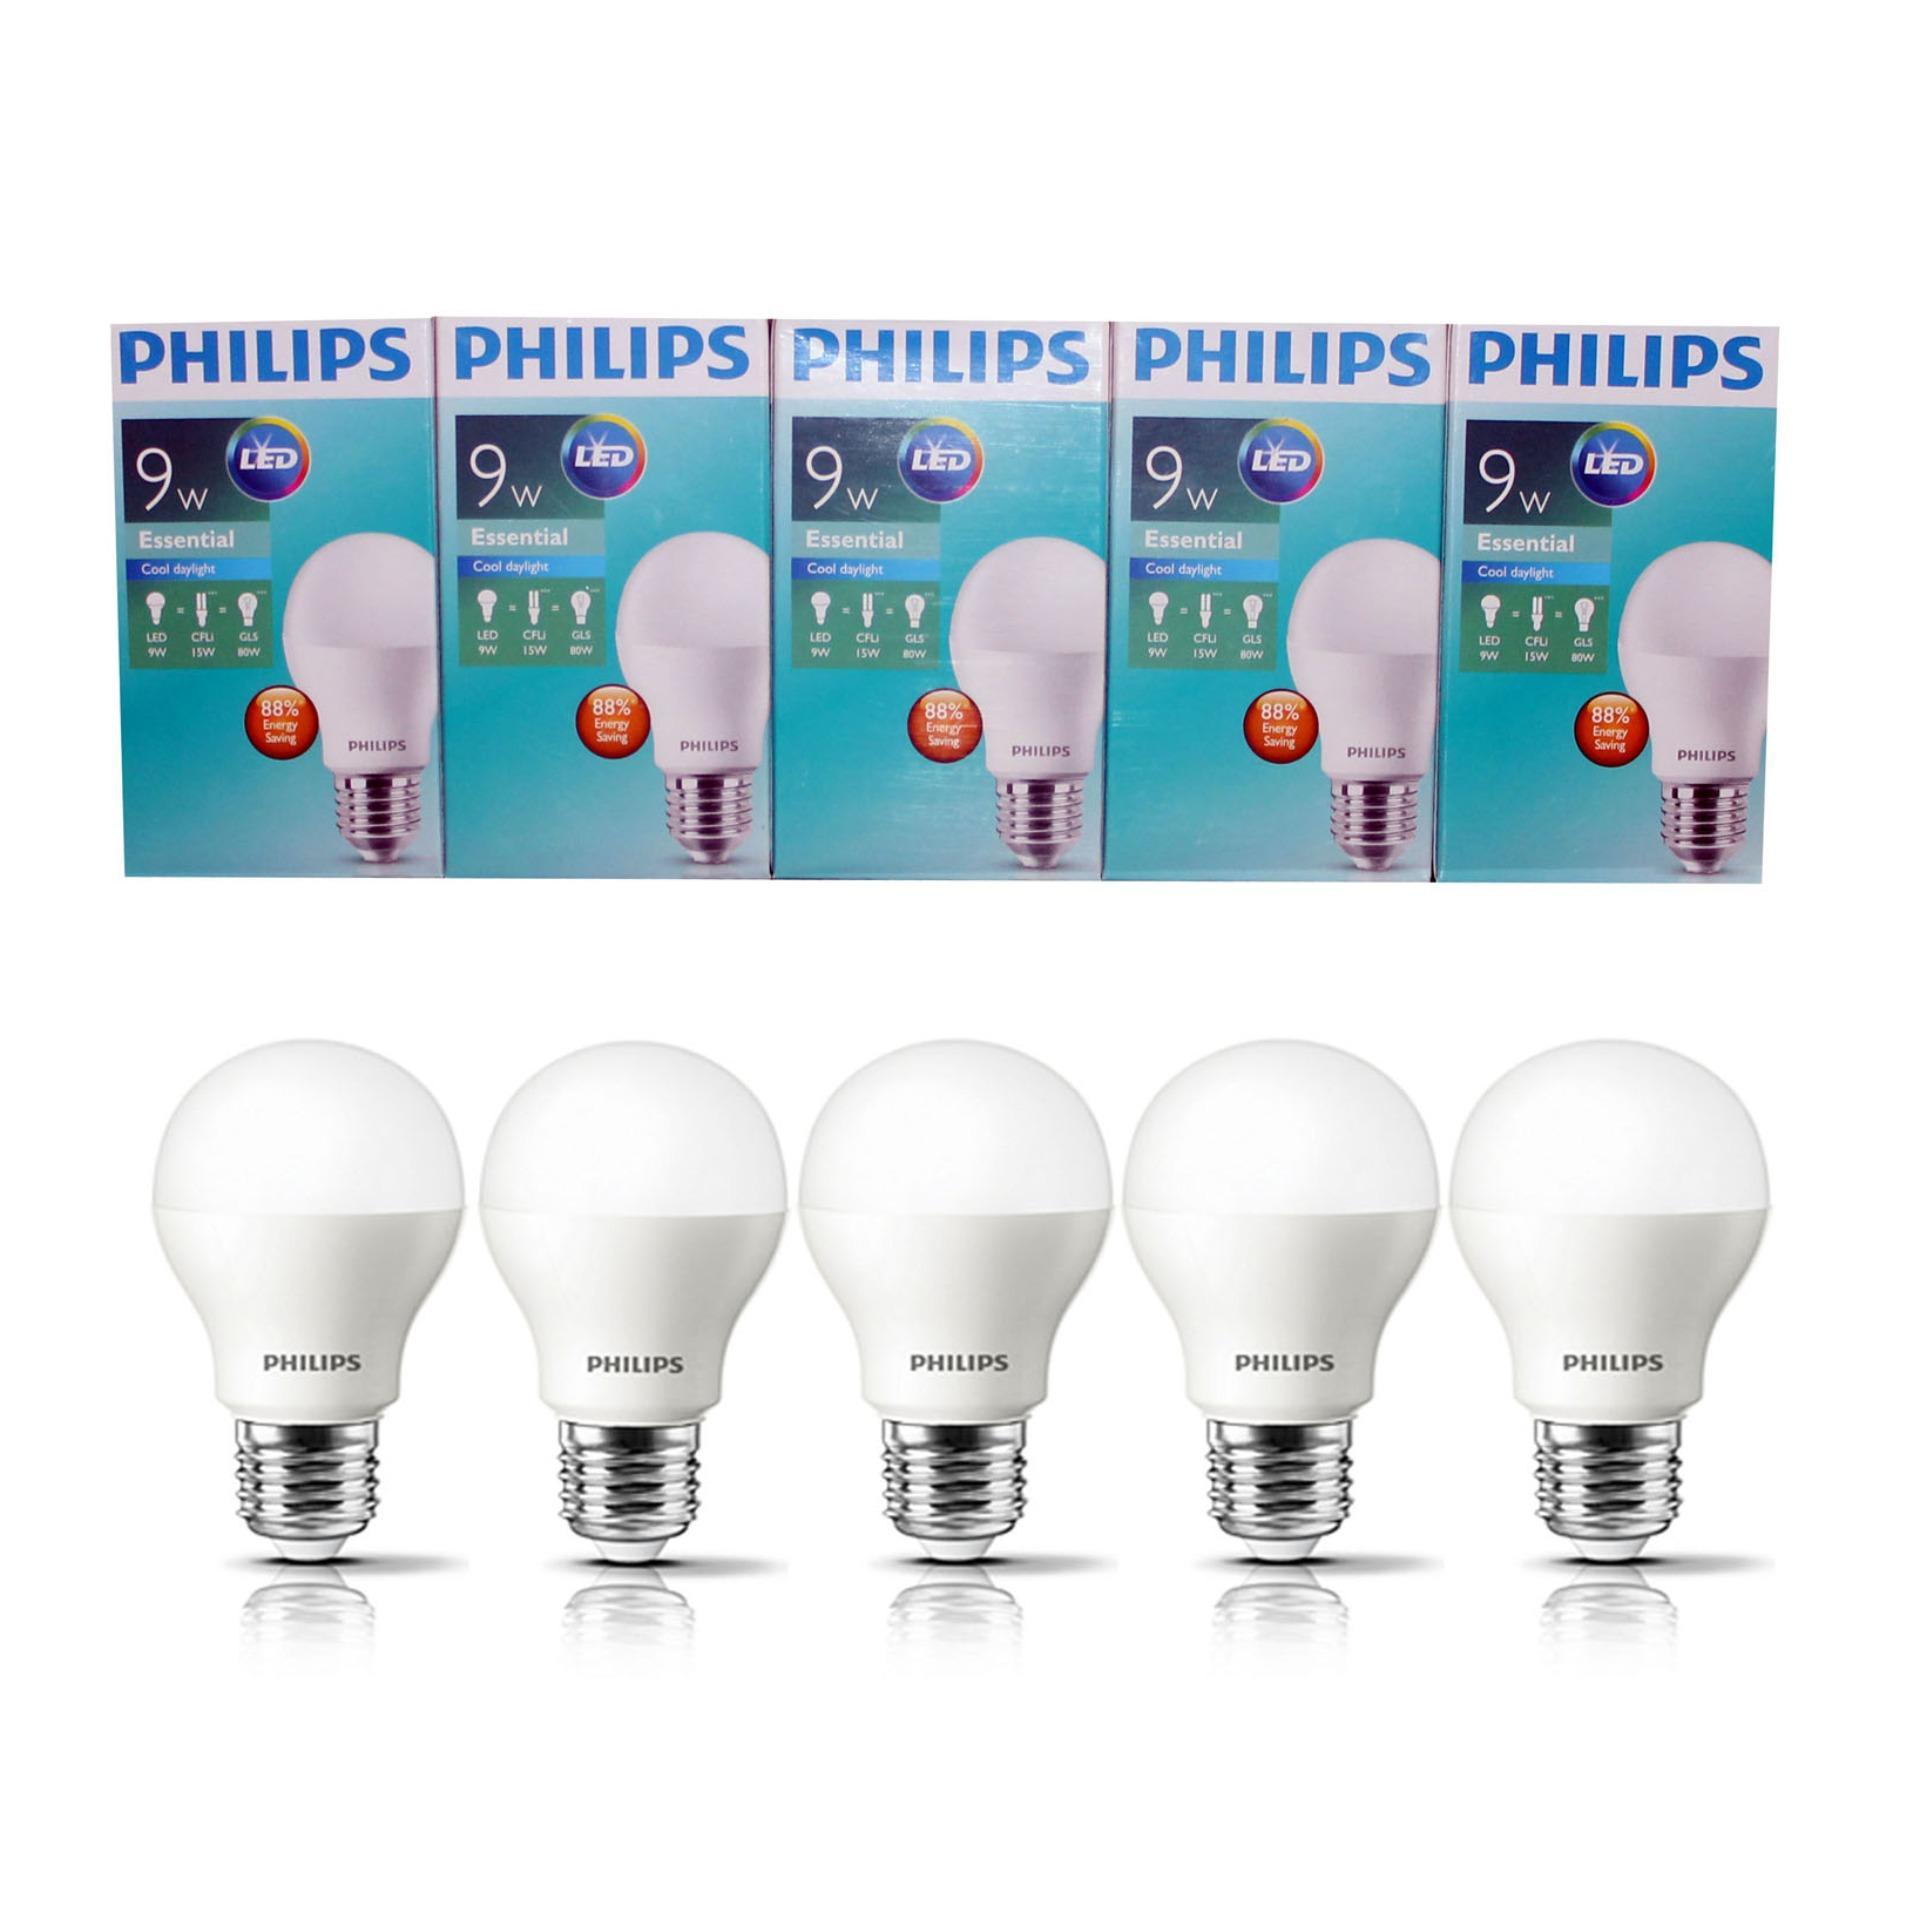 PHILIPS Lampu Led Bulb Essential 9 Wat 9 W 9Watt 9W Paket 5 Pcs Putih